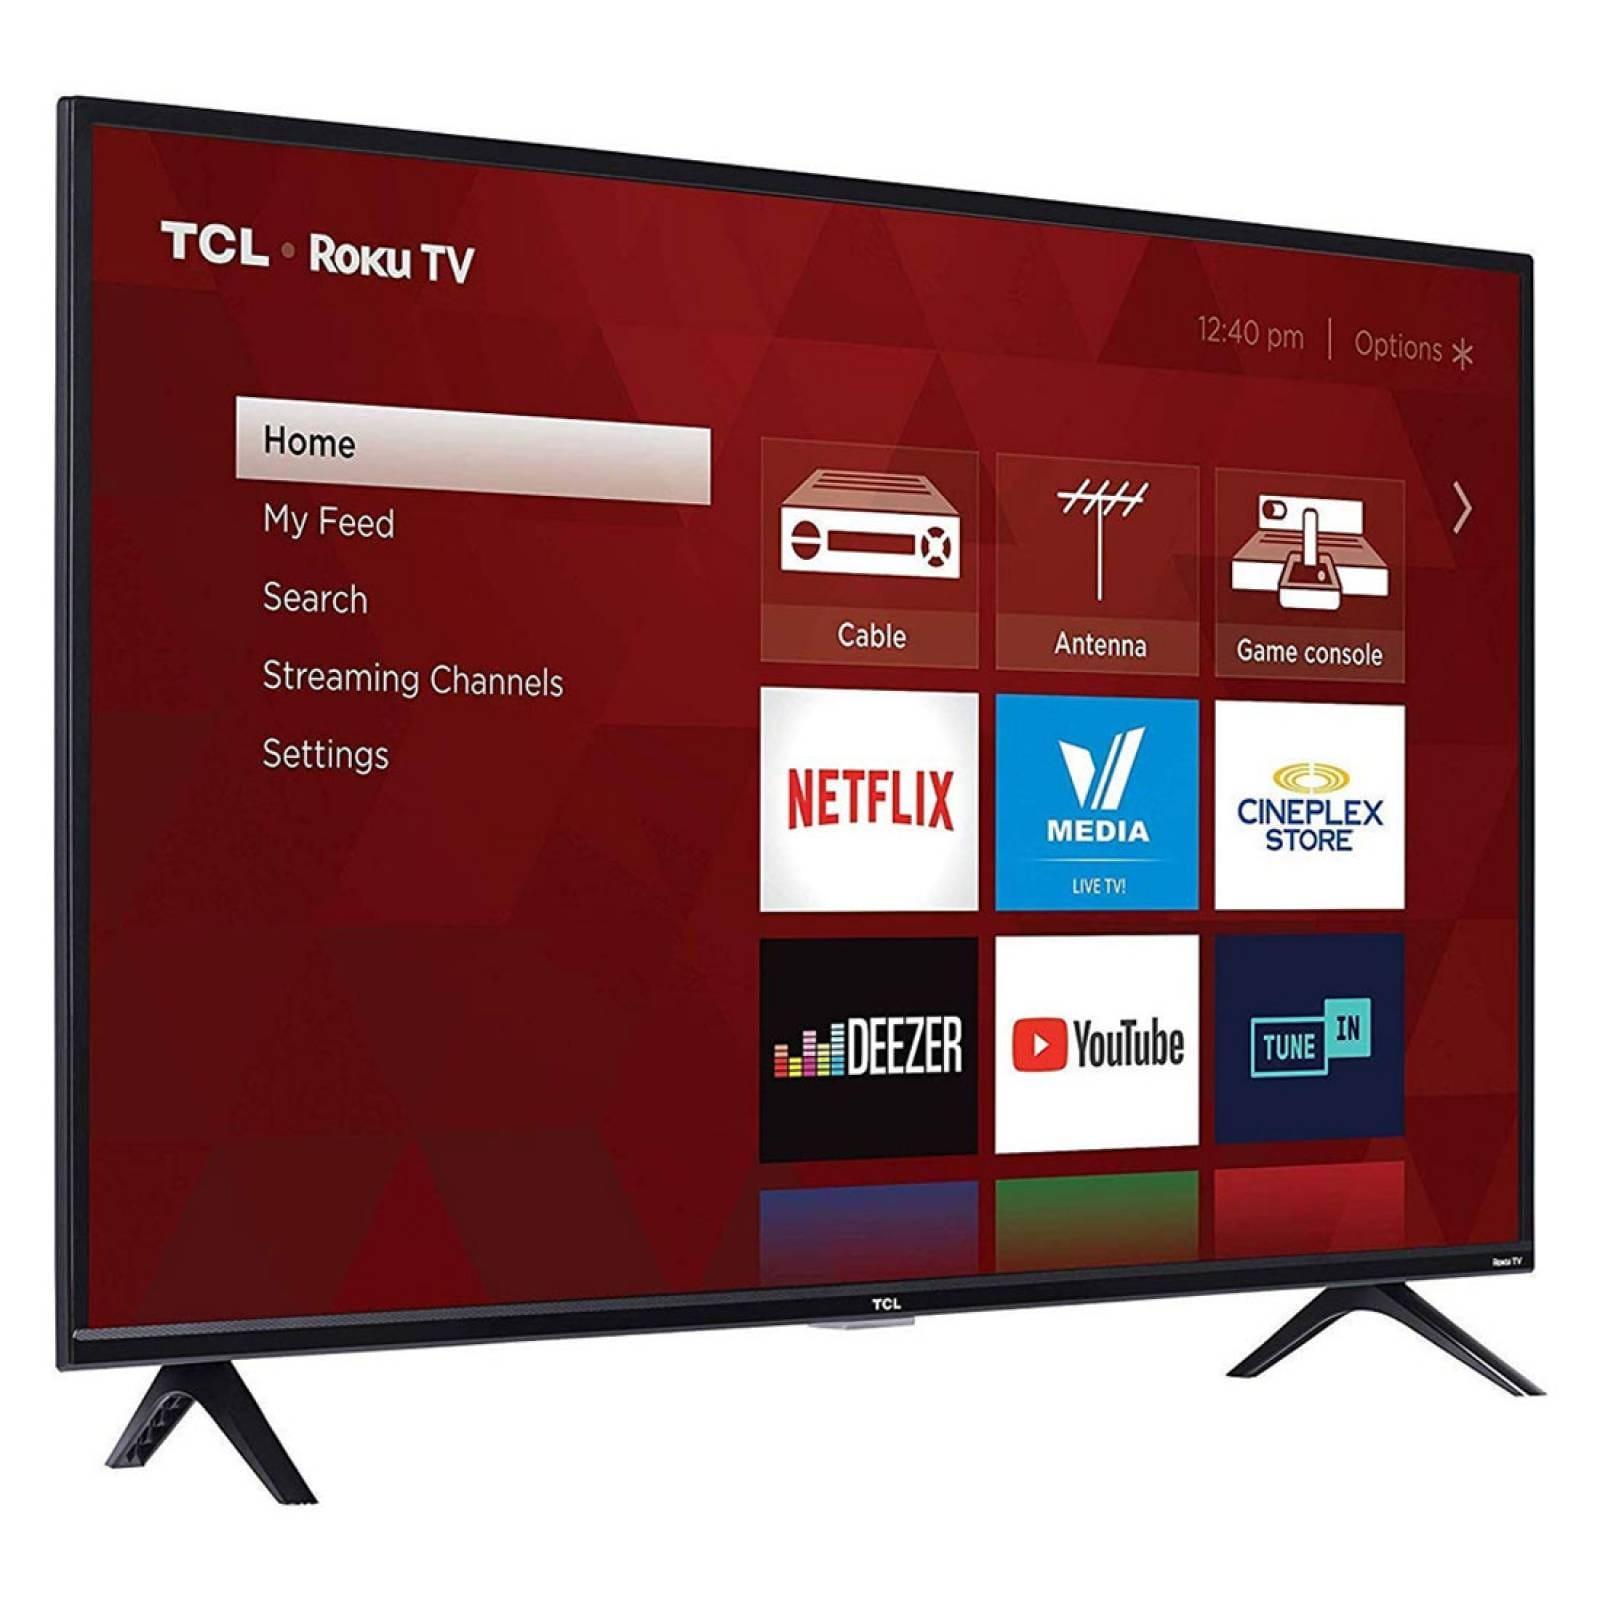 Smart Tv 50 Pulg 4K 3840X2160 60 Hz Full HD Roku TCL Reacondicionado